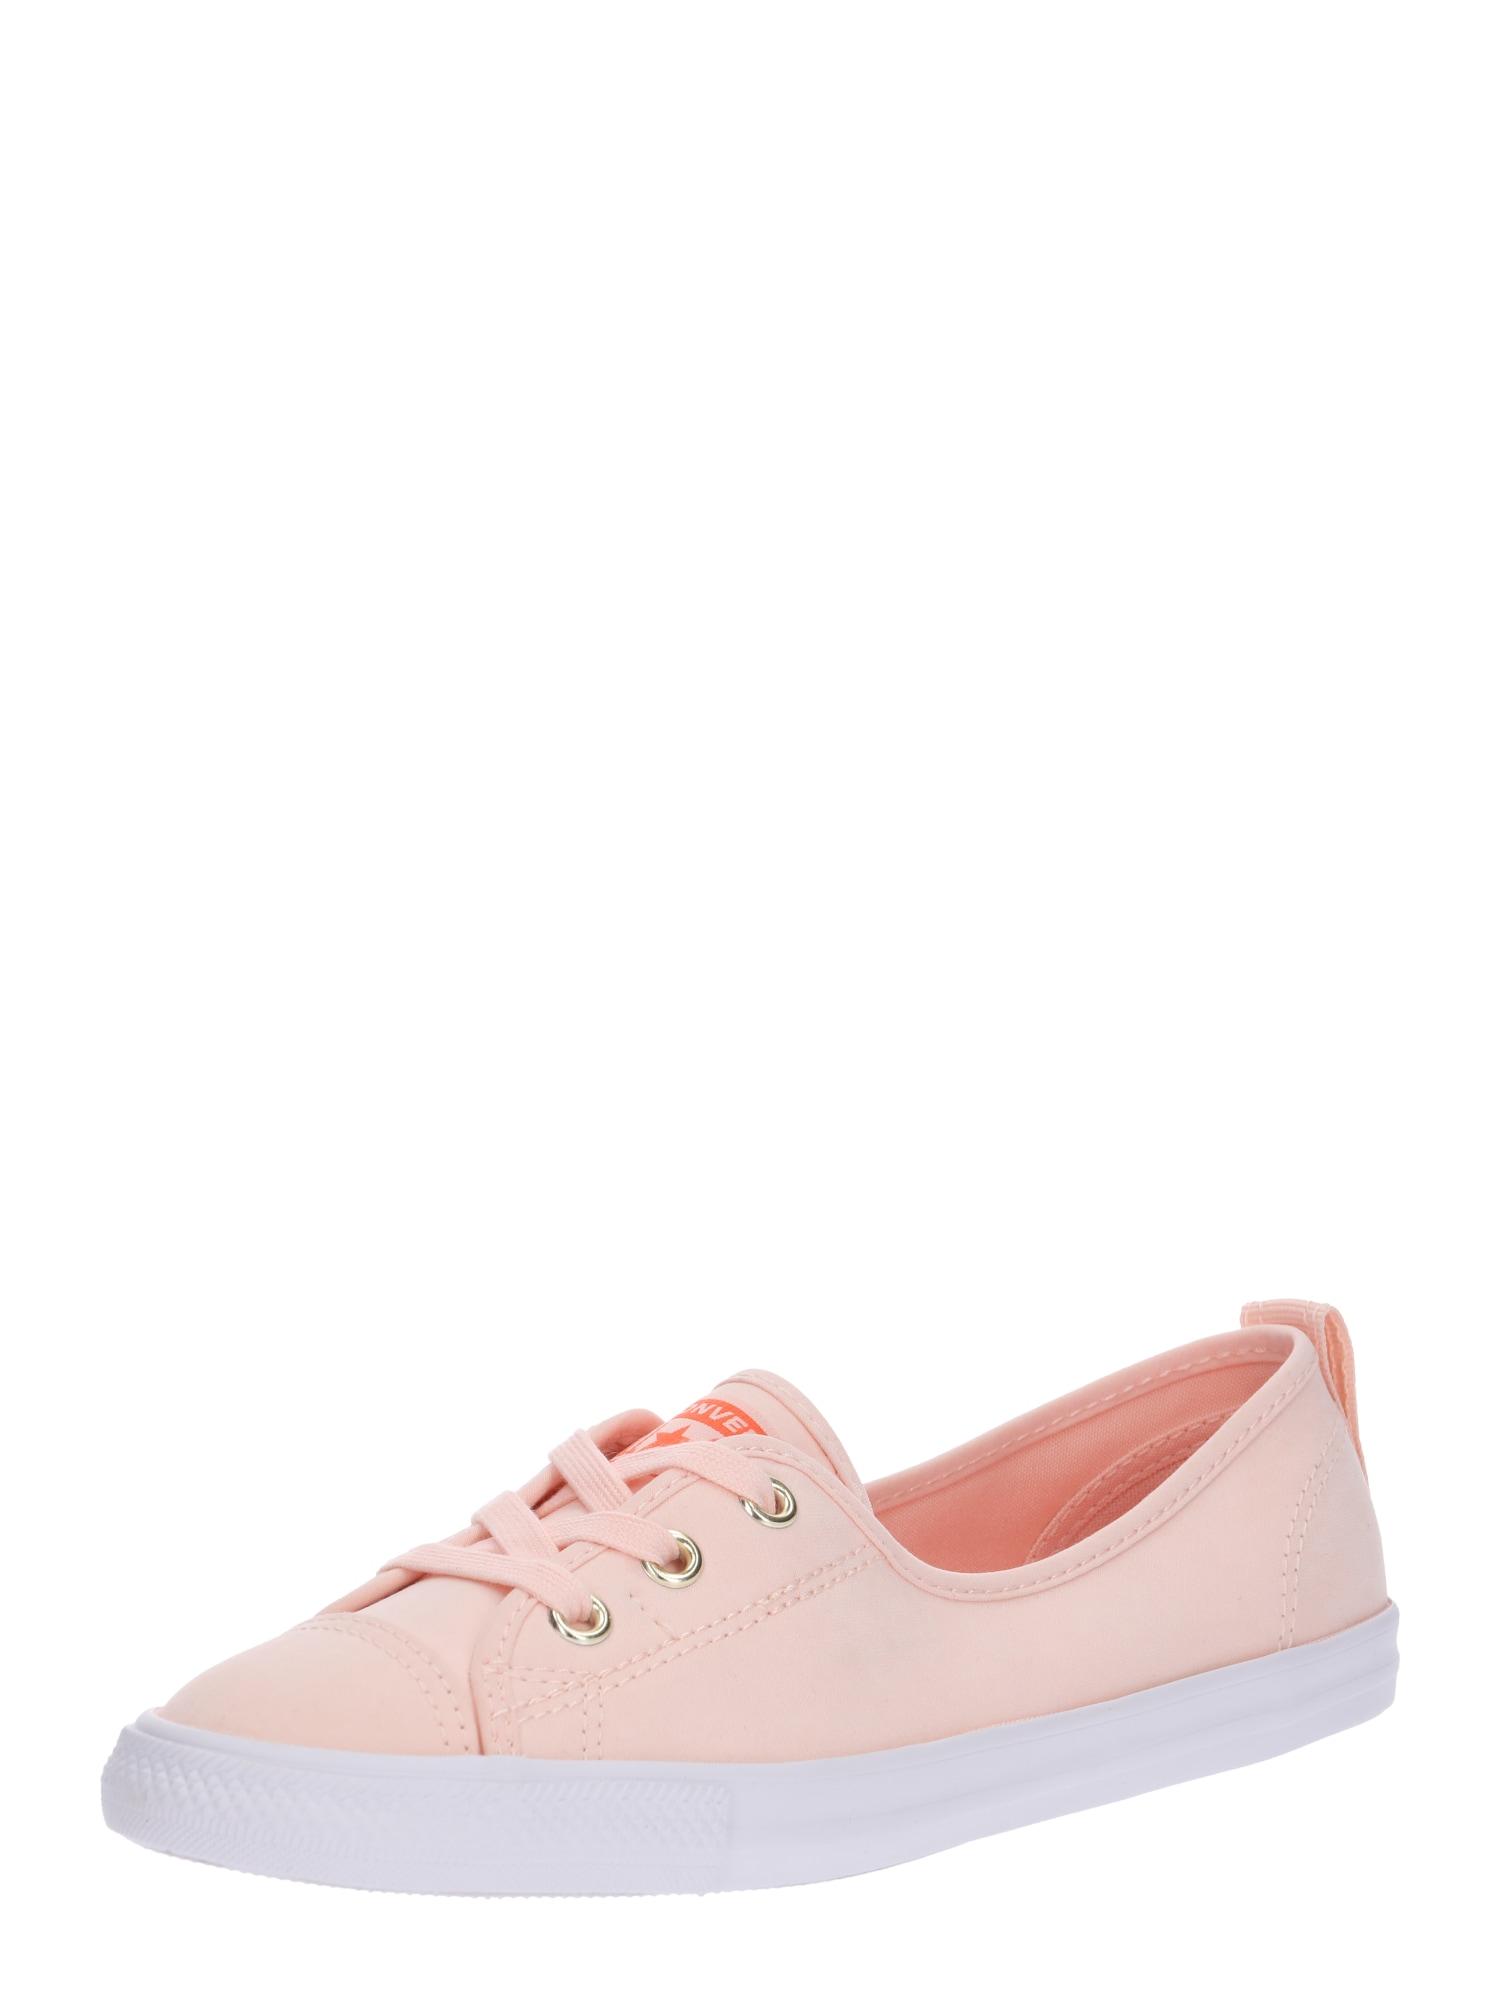 Šněrovací boty růžová bílá CONVERSE